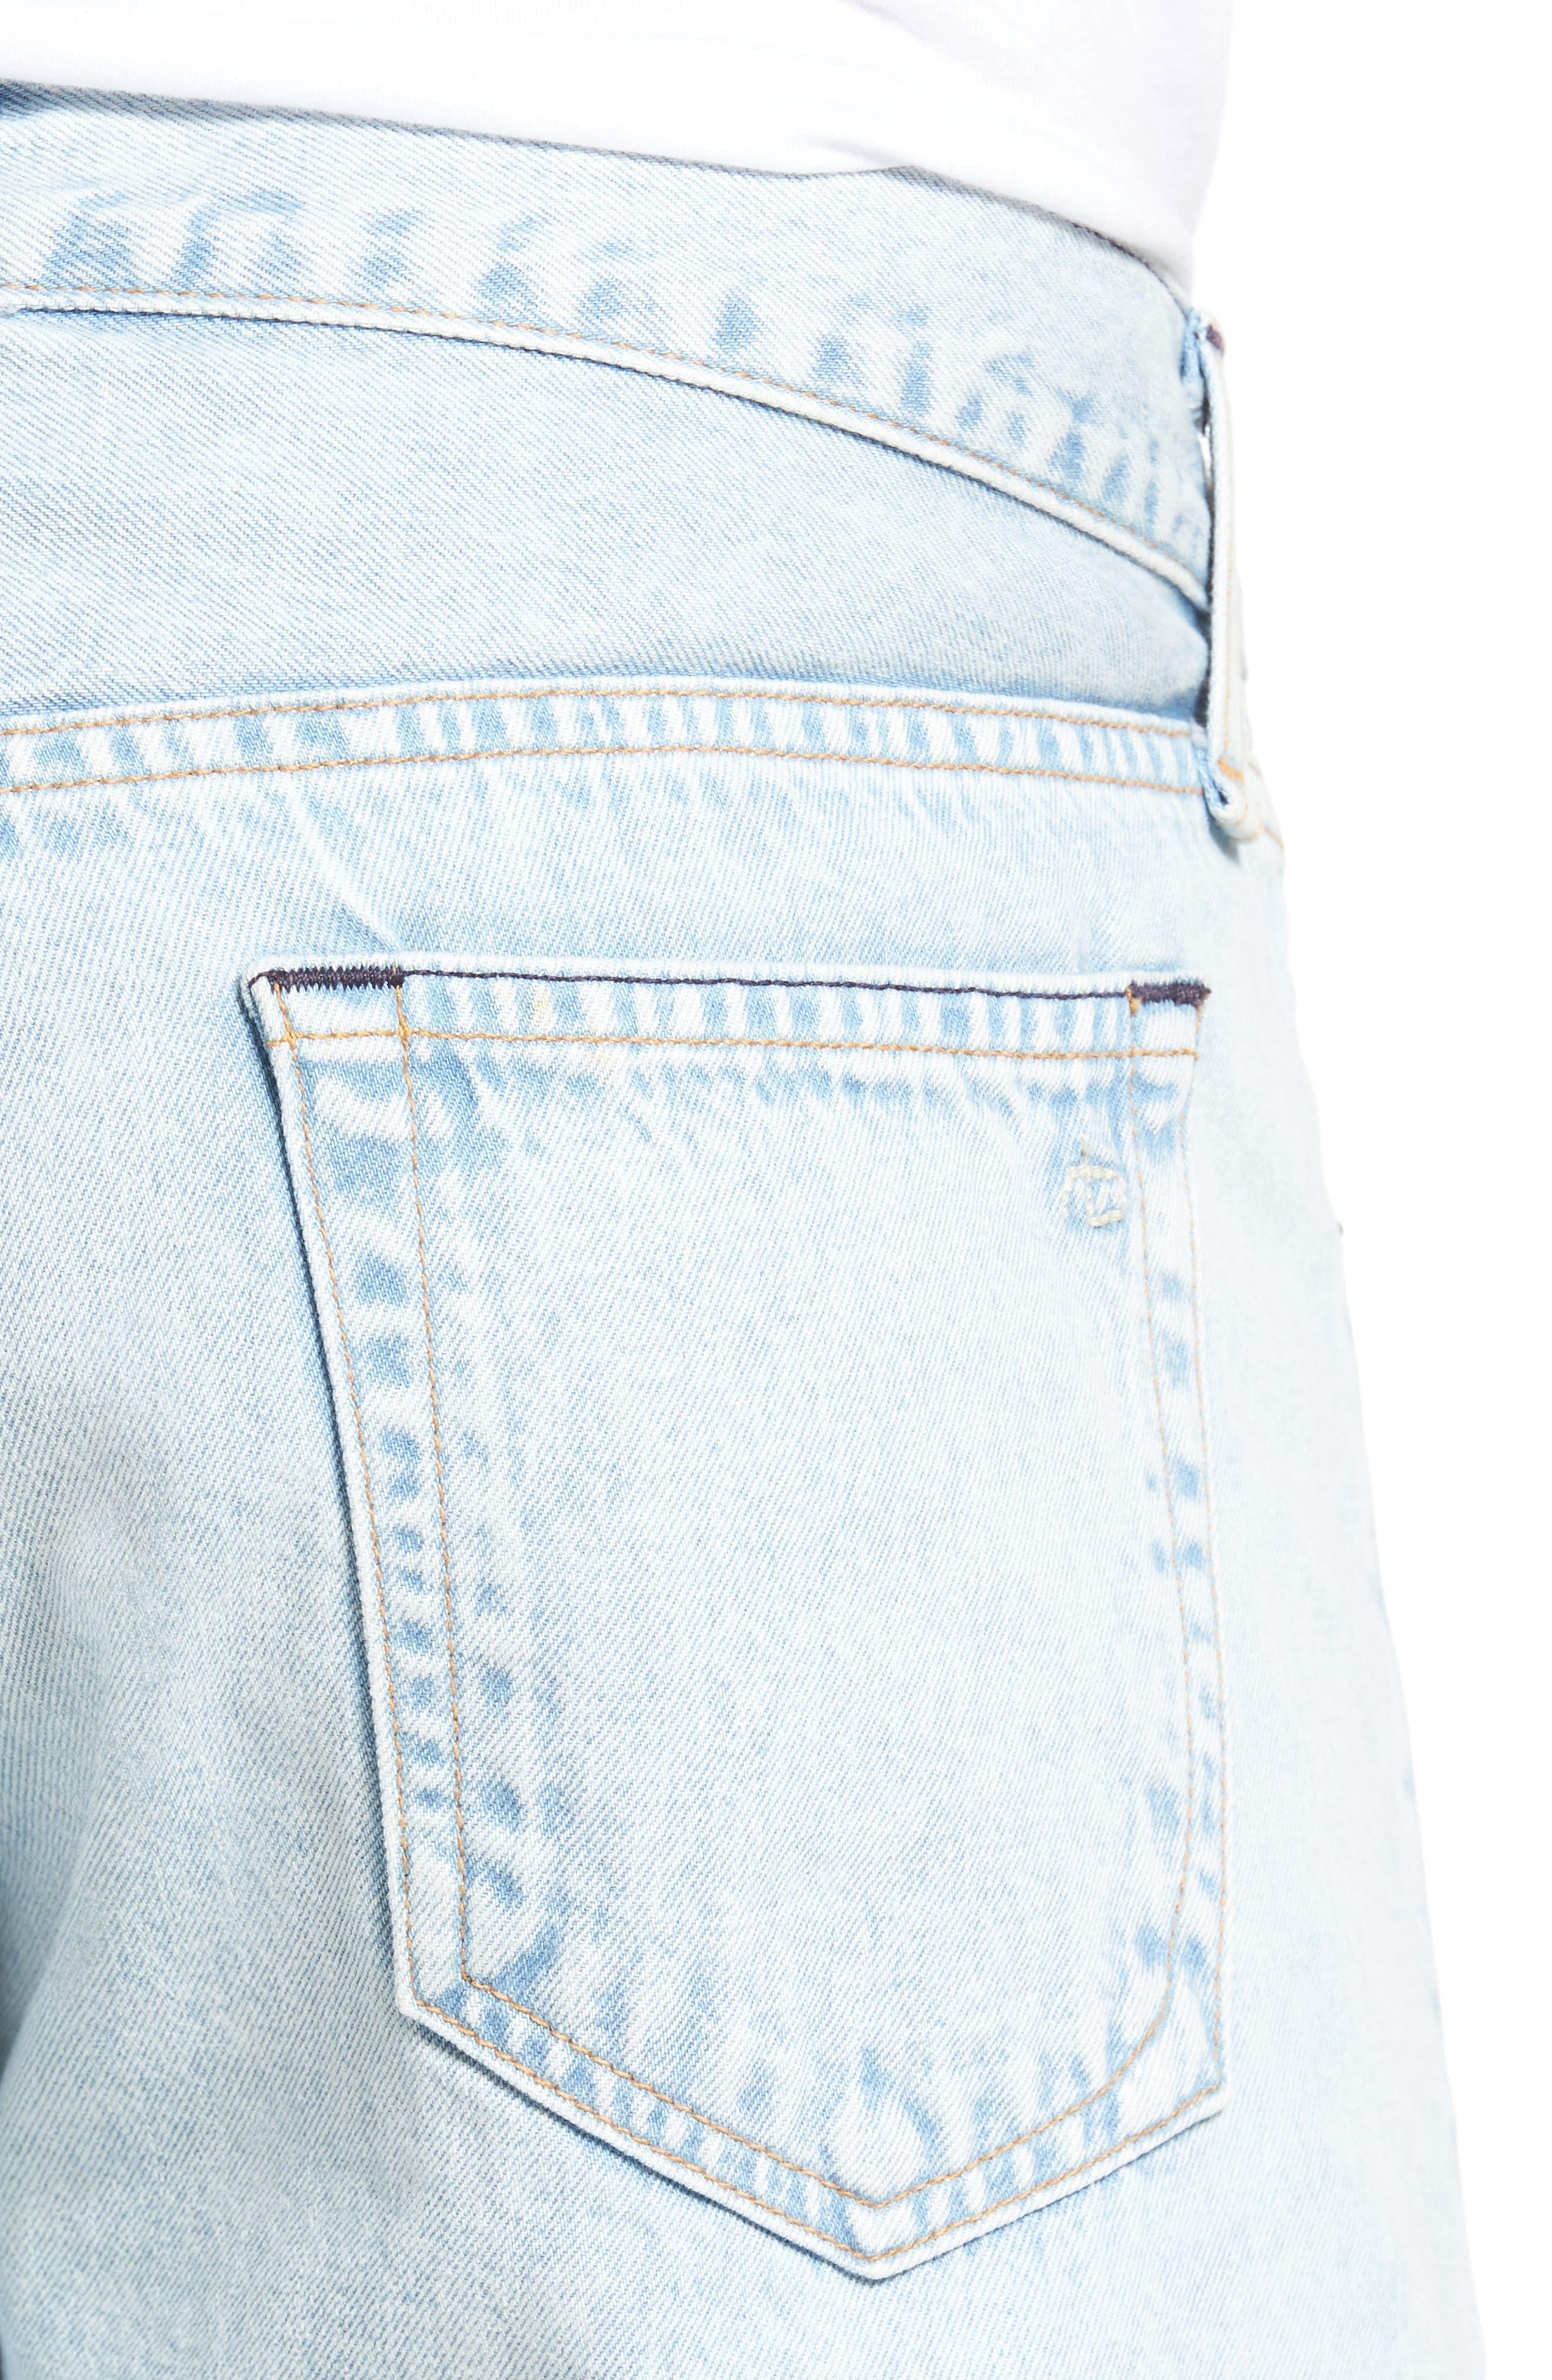 Lennox Skinny Fit Pants,                             Alternate thumbnail 4, color,                             020